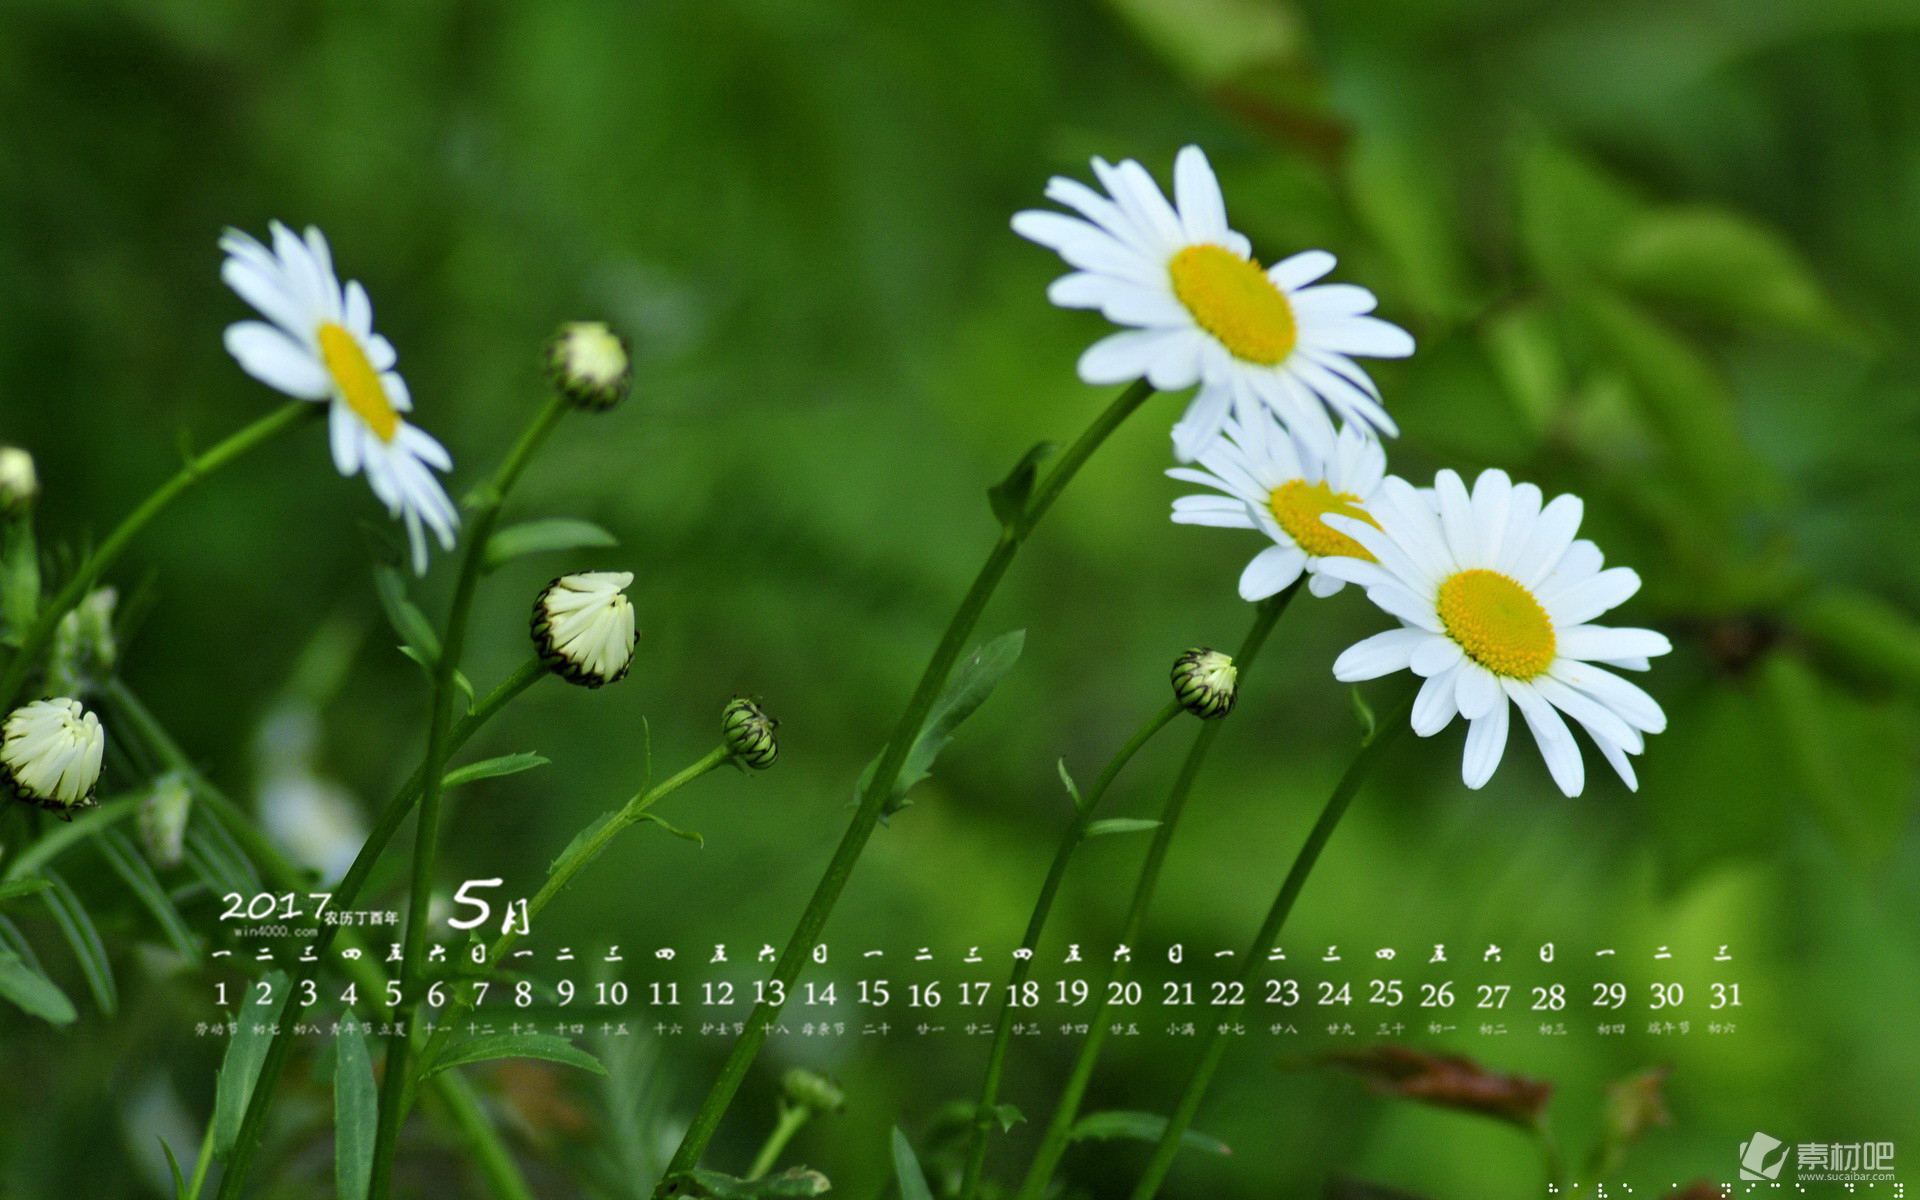 2017年5月绿色护眼植物桌面日历壁纸下载